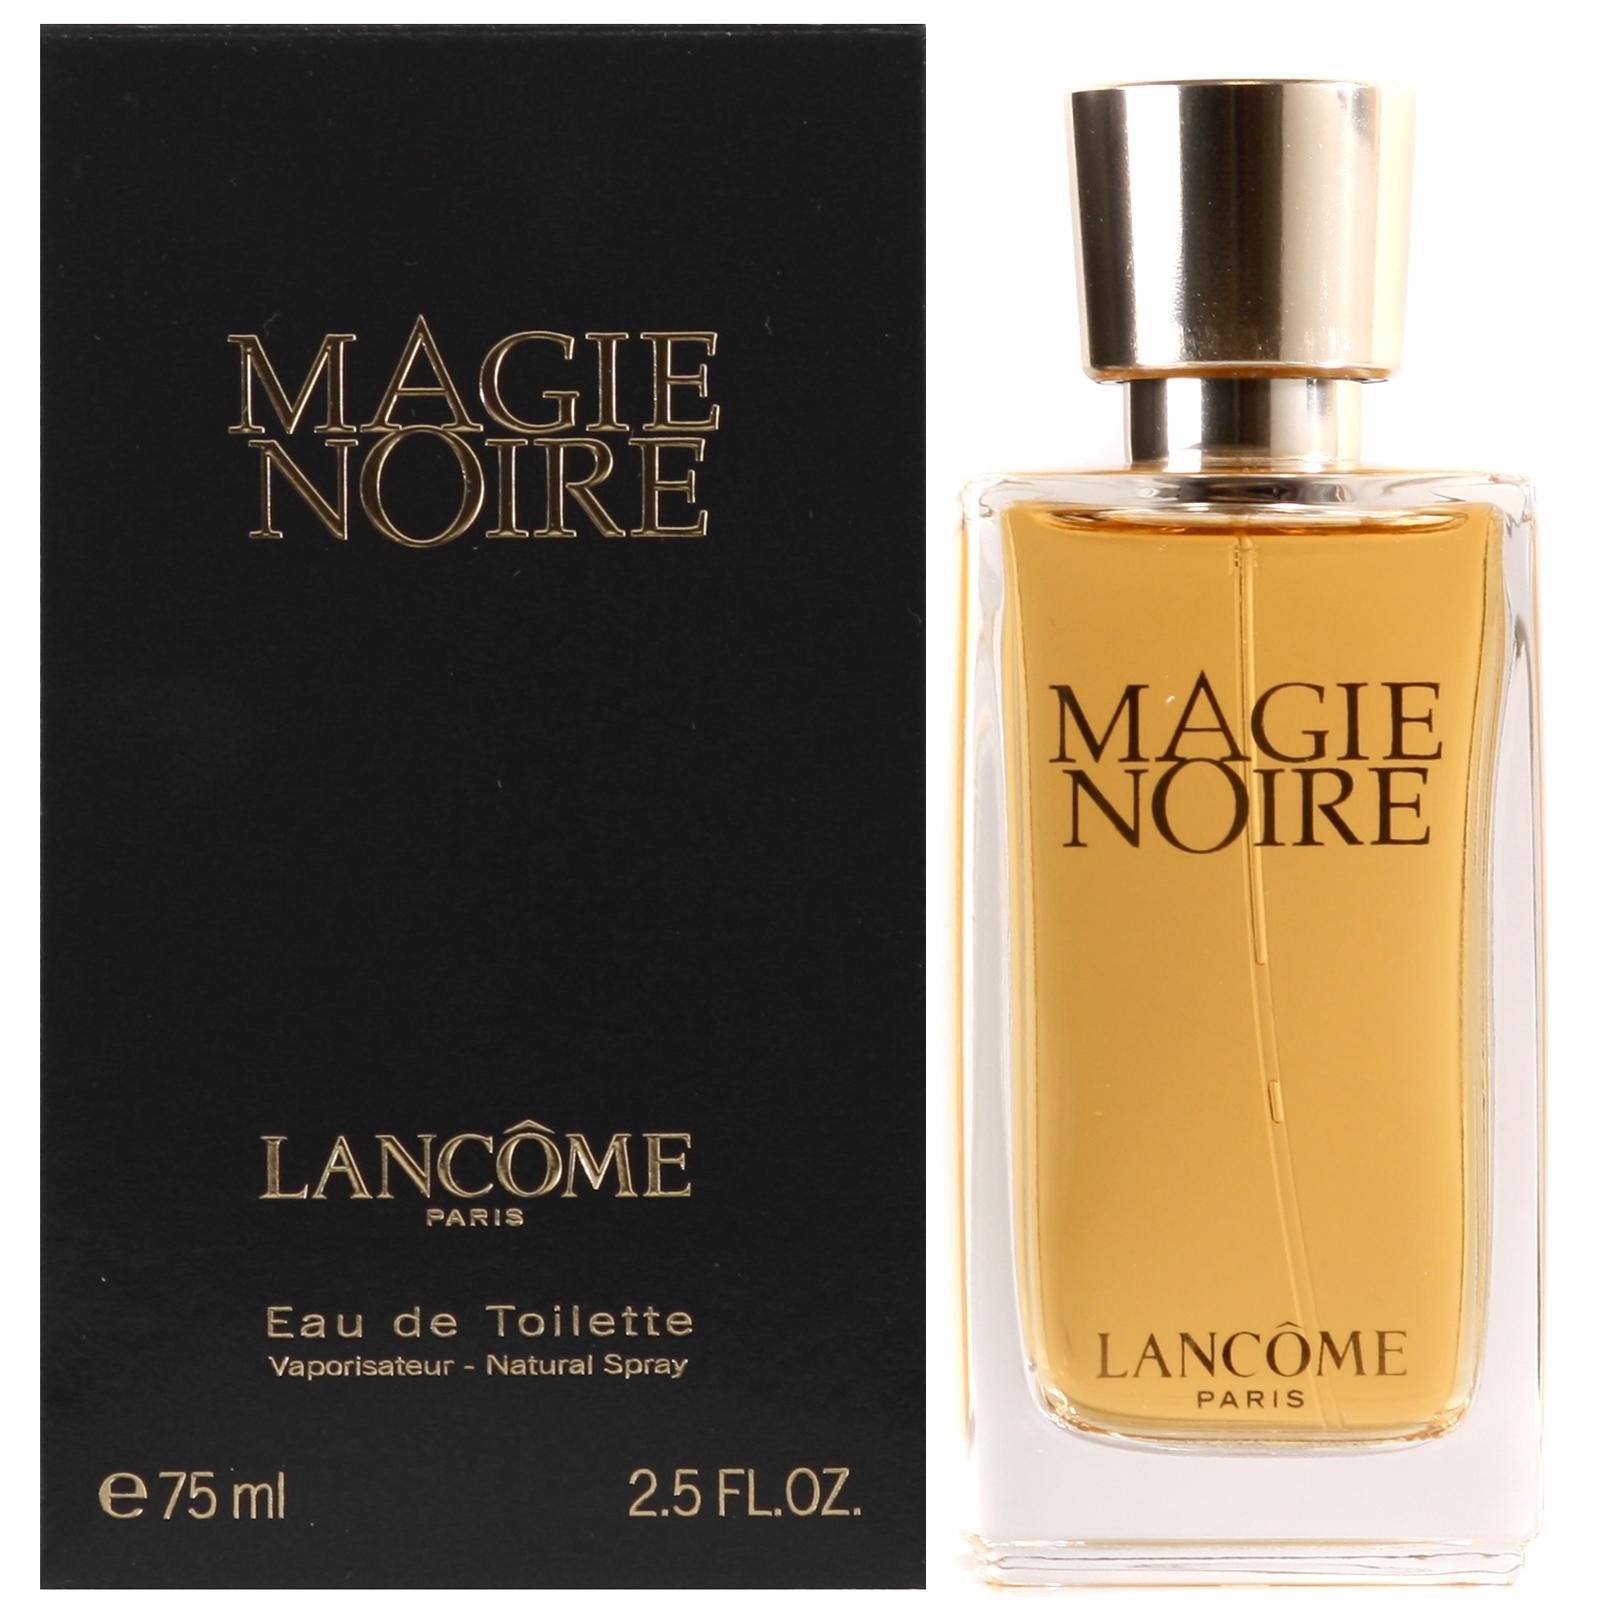 LANCOME MAGIE NOIR EDT VAPO DONNA 75 ML